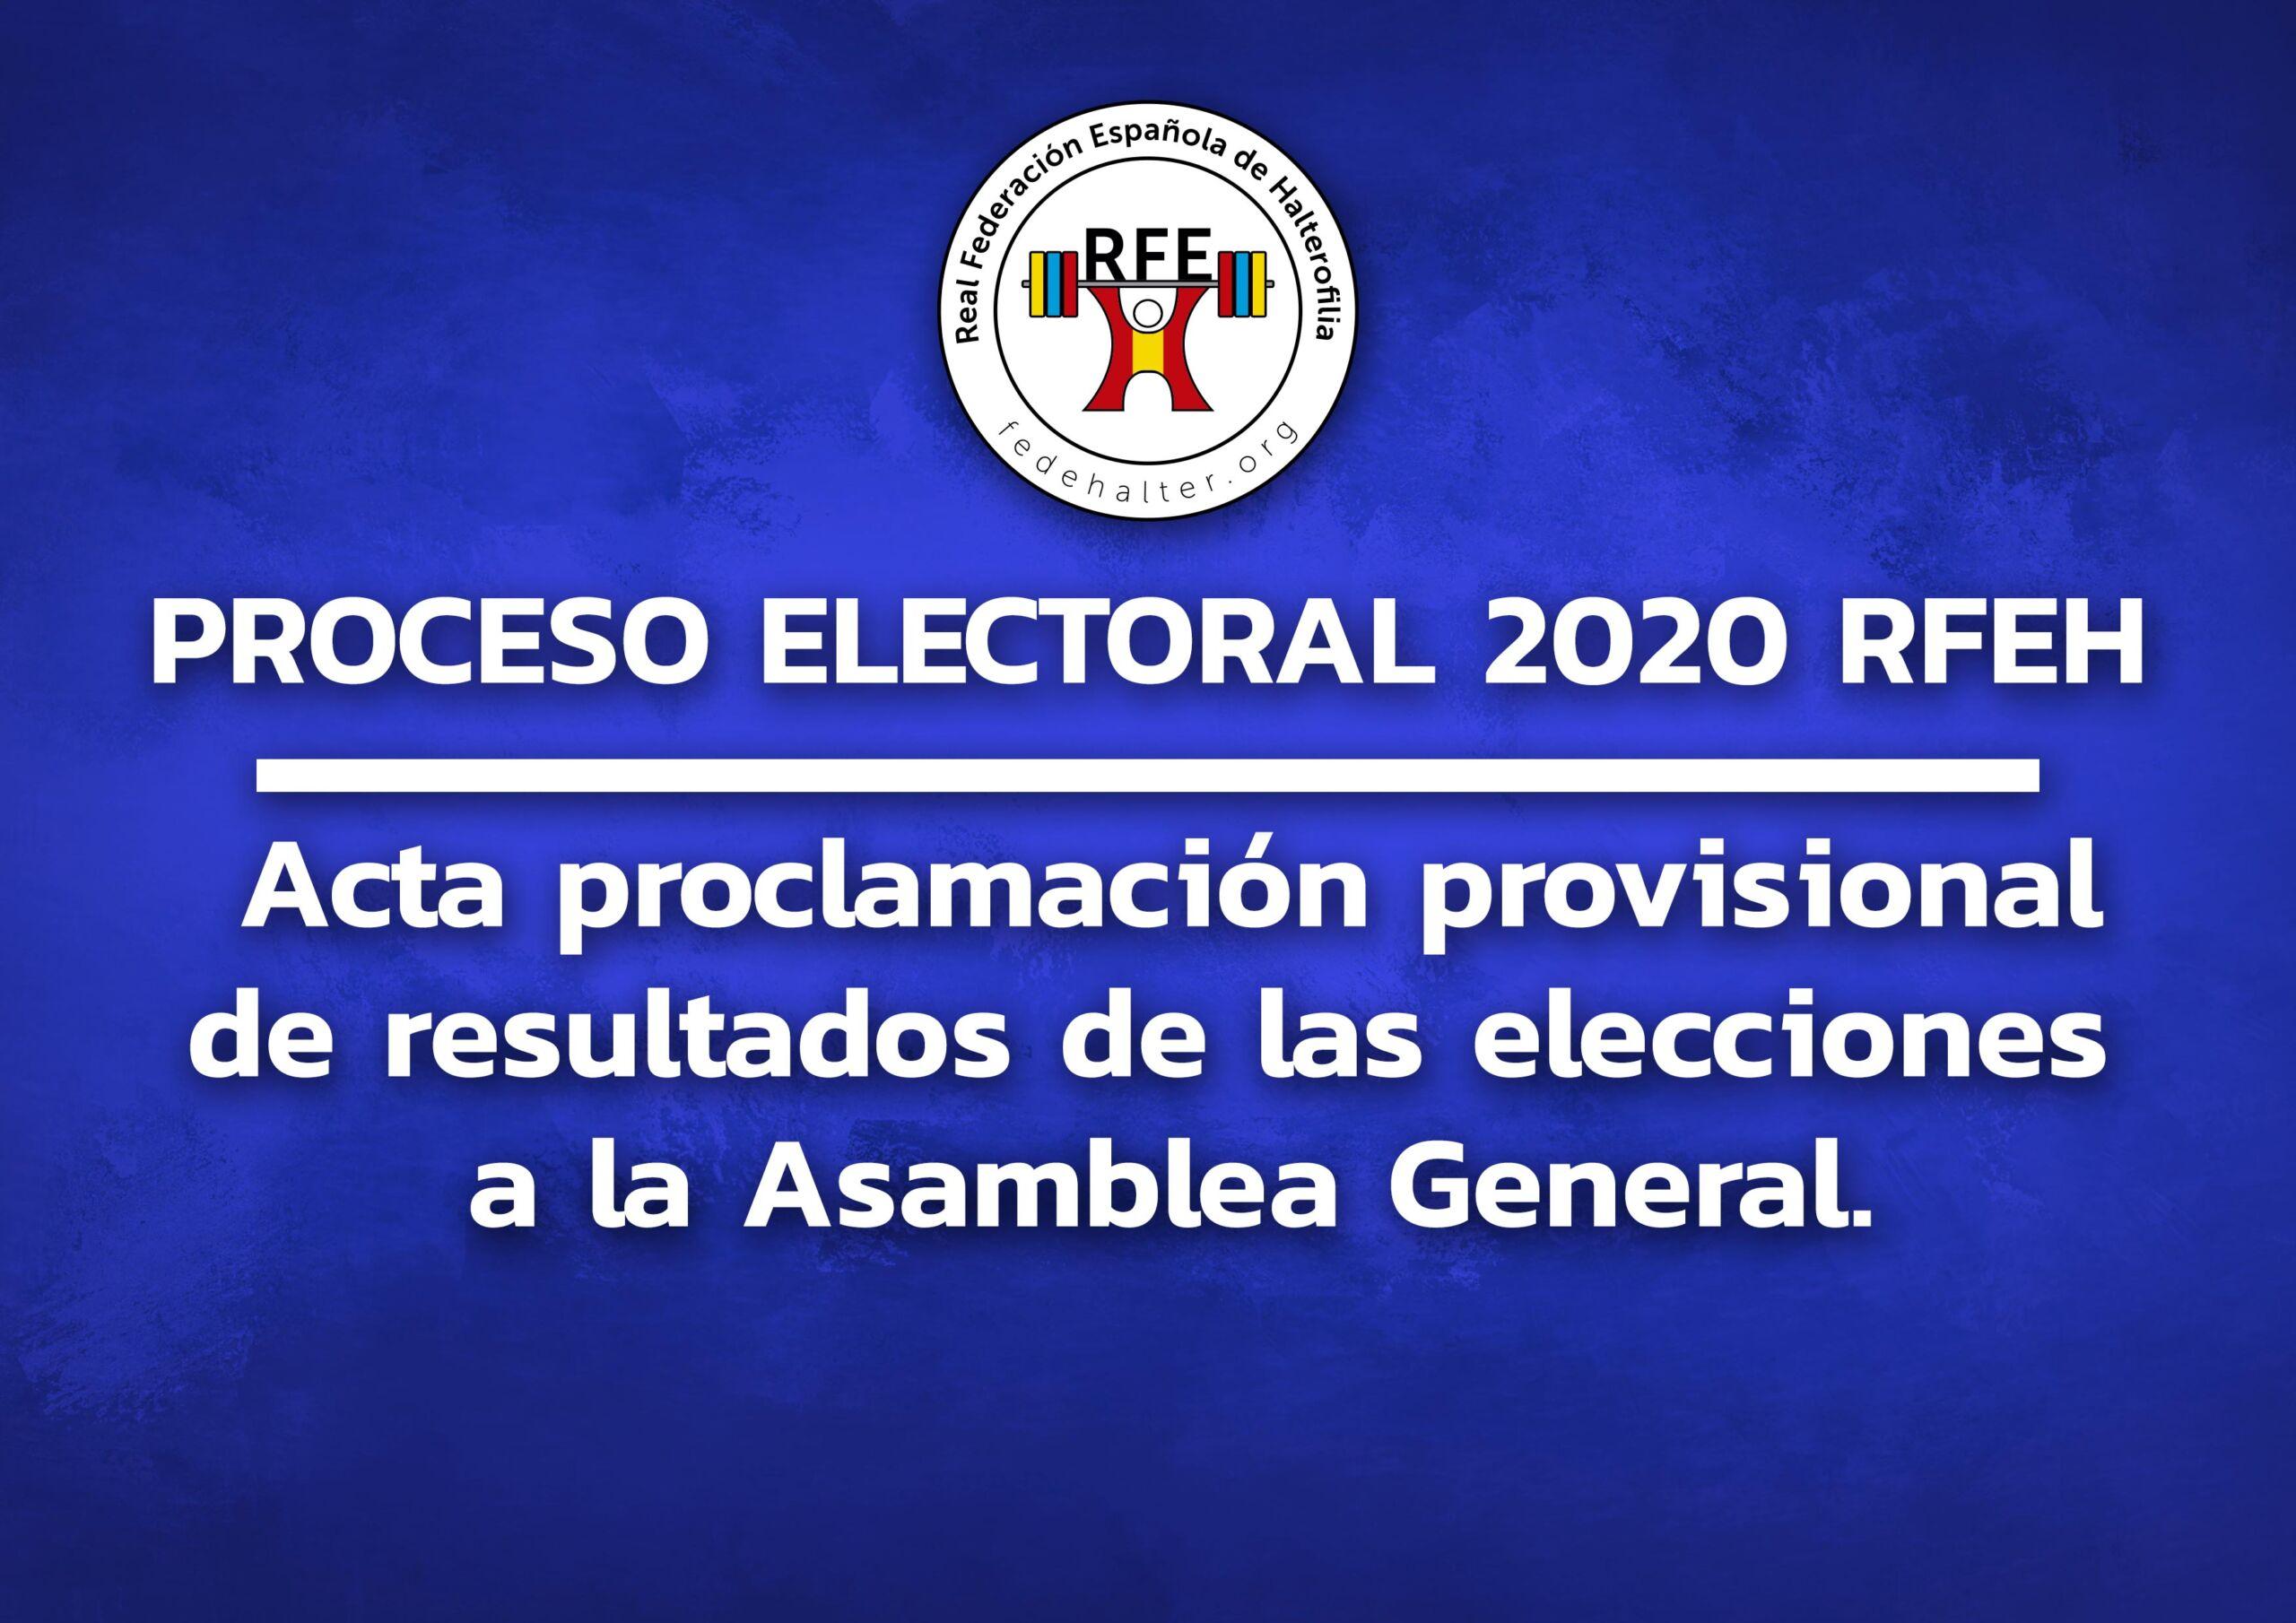 Acta Proclamación Provisional de Resultados de las Elecciones a la Asamblea General